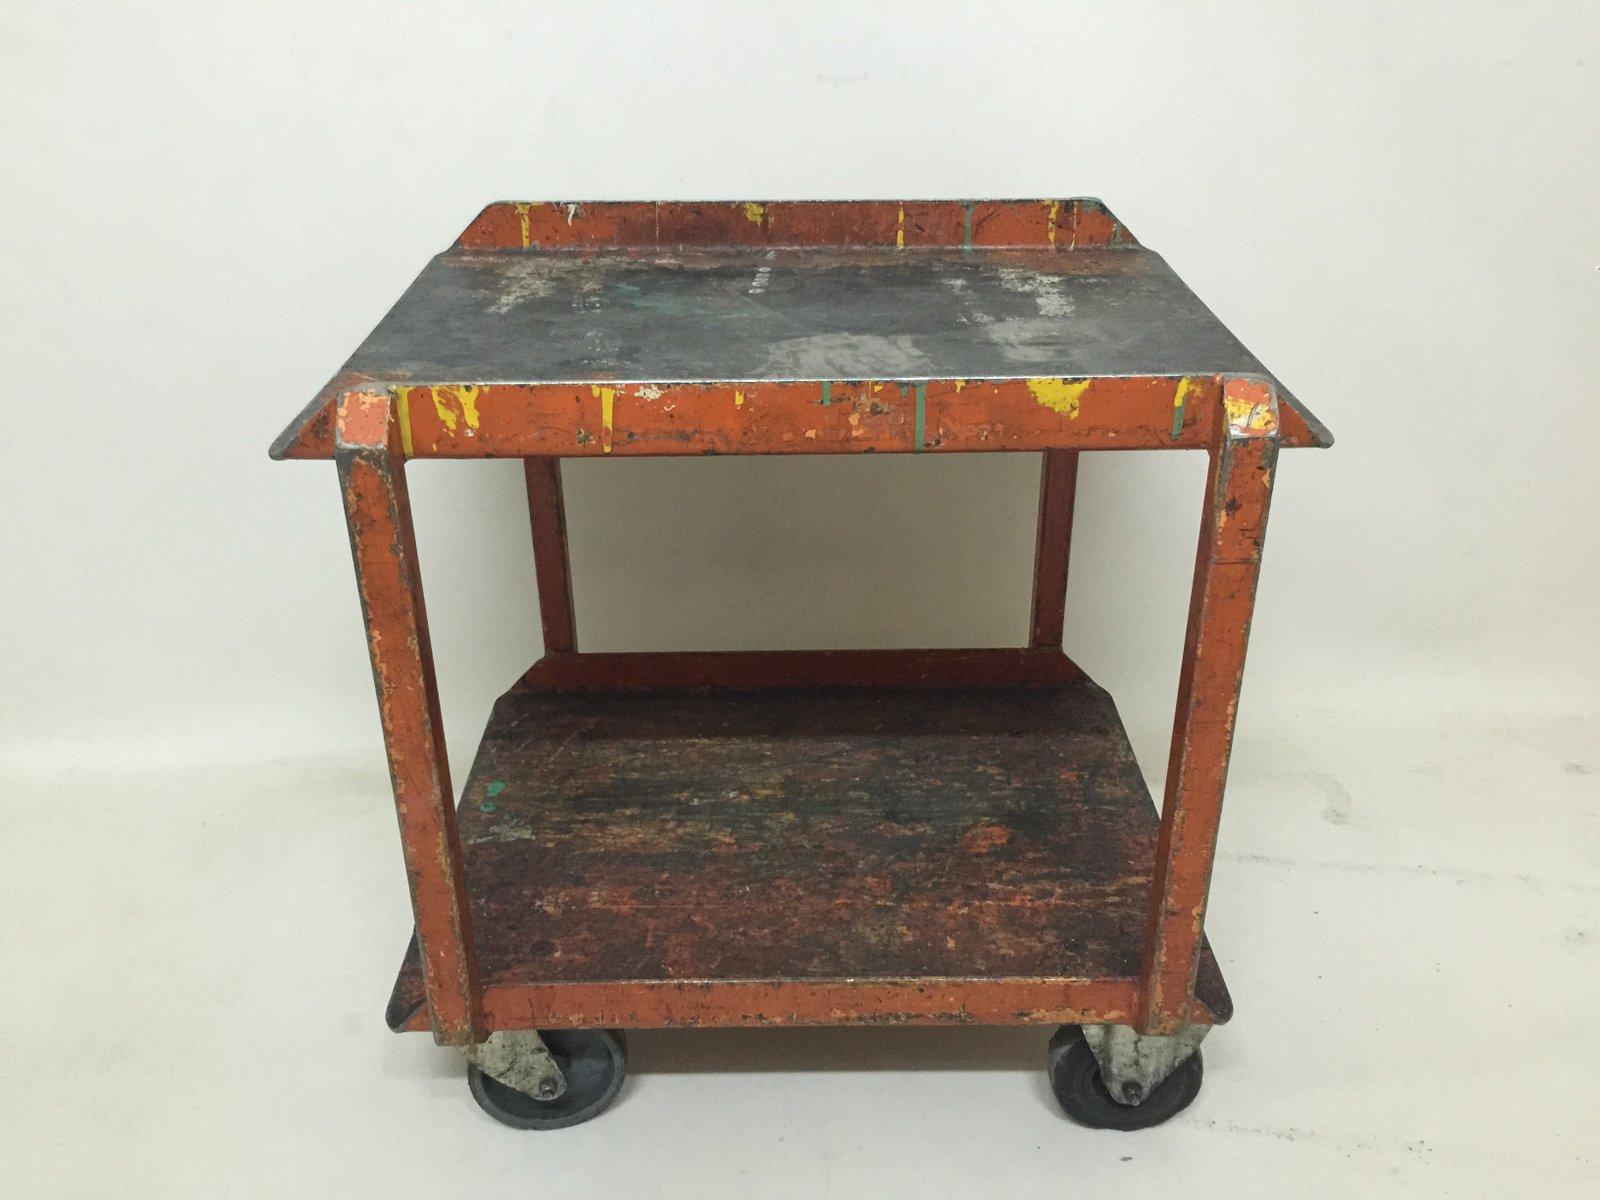 industrieller vintage fabrik beistelltisch auf rollen bei. Black Bedroom Furniture Sets. Home Design Ideas